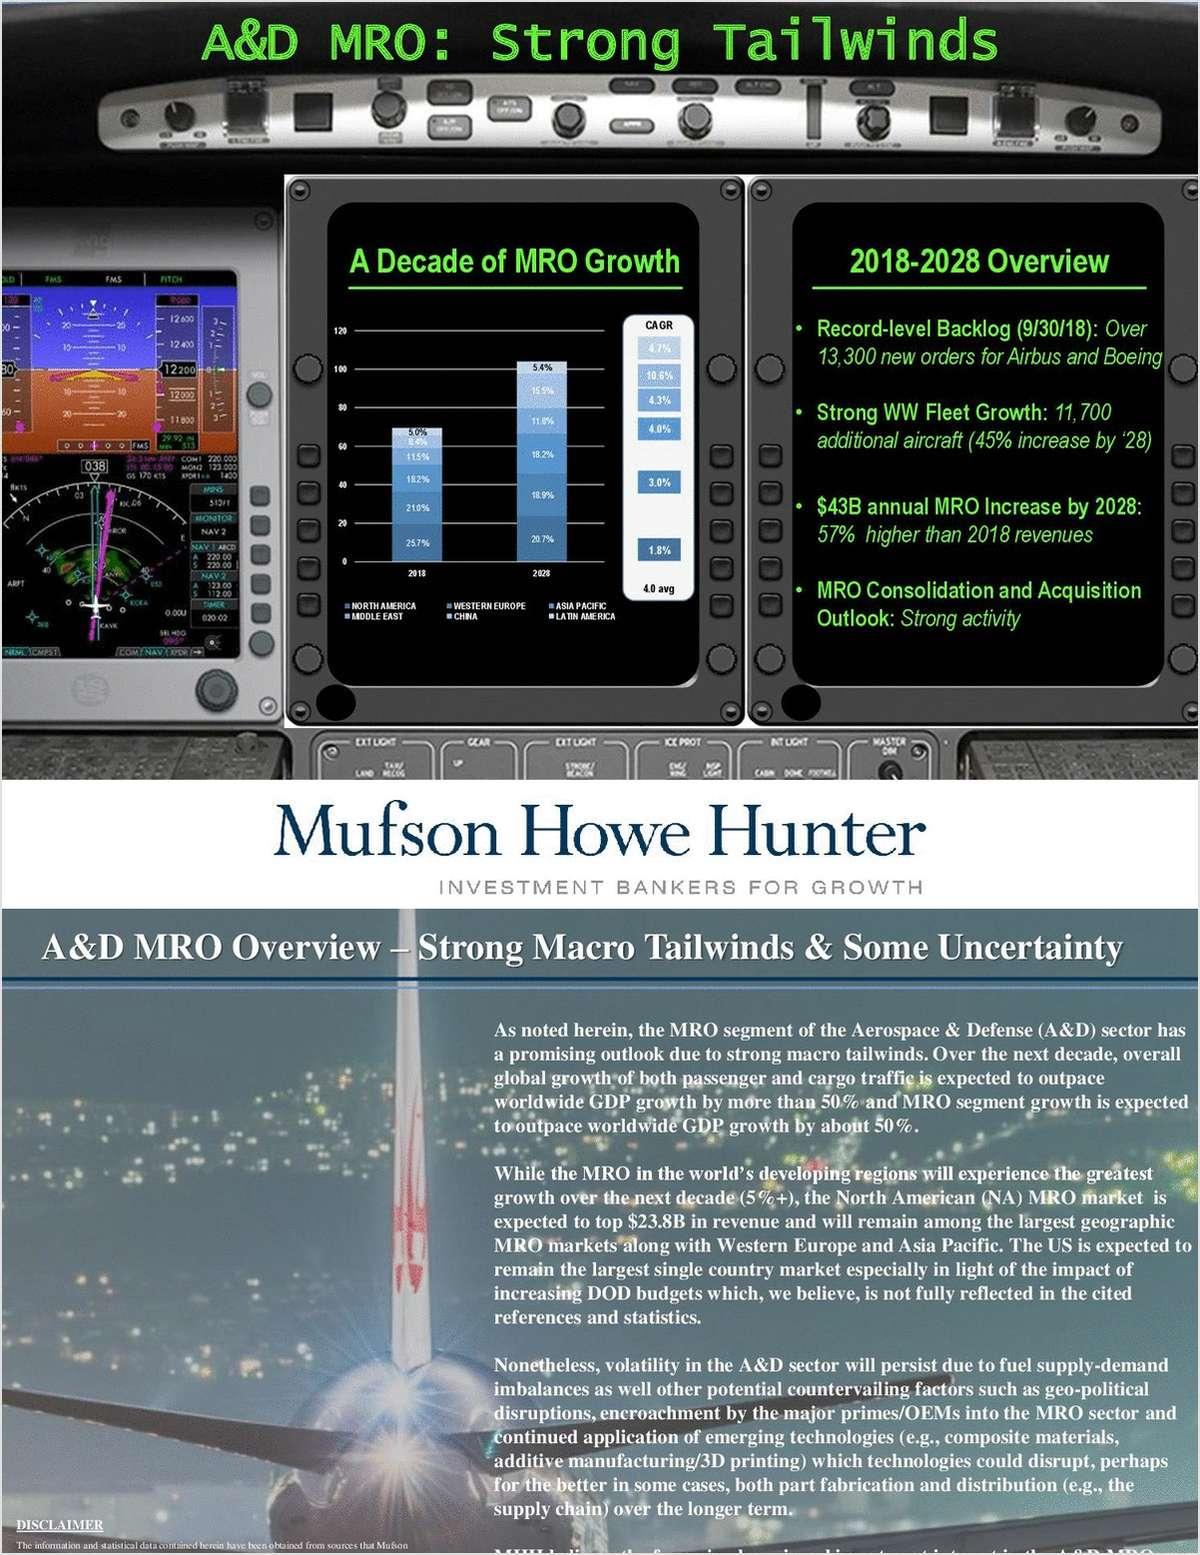 A&D MRO: Strong Tailwinds